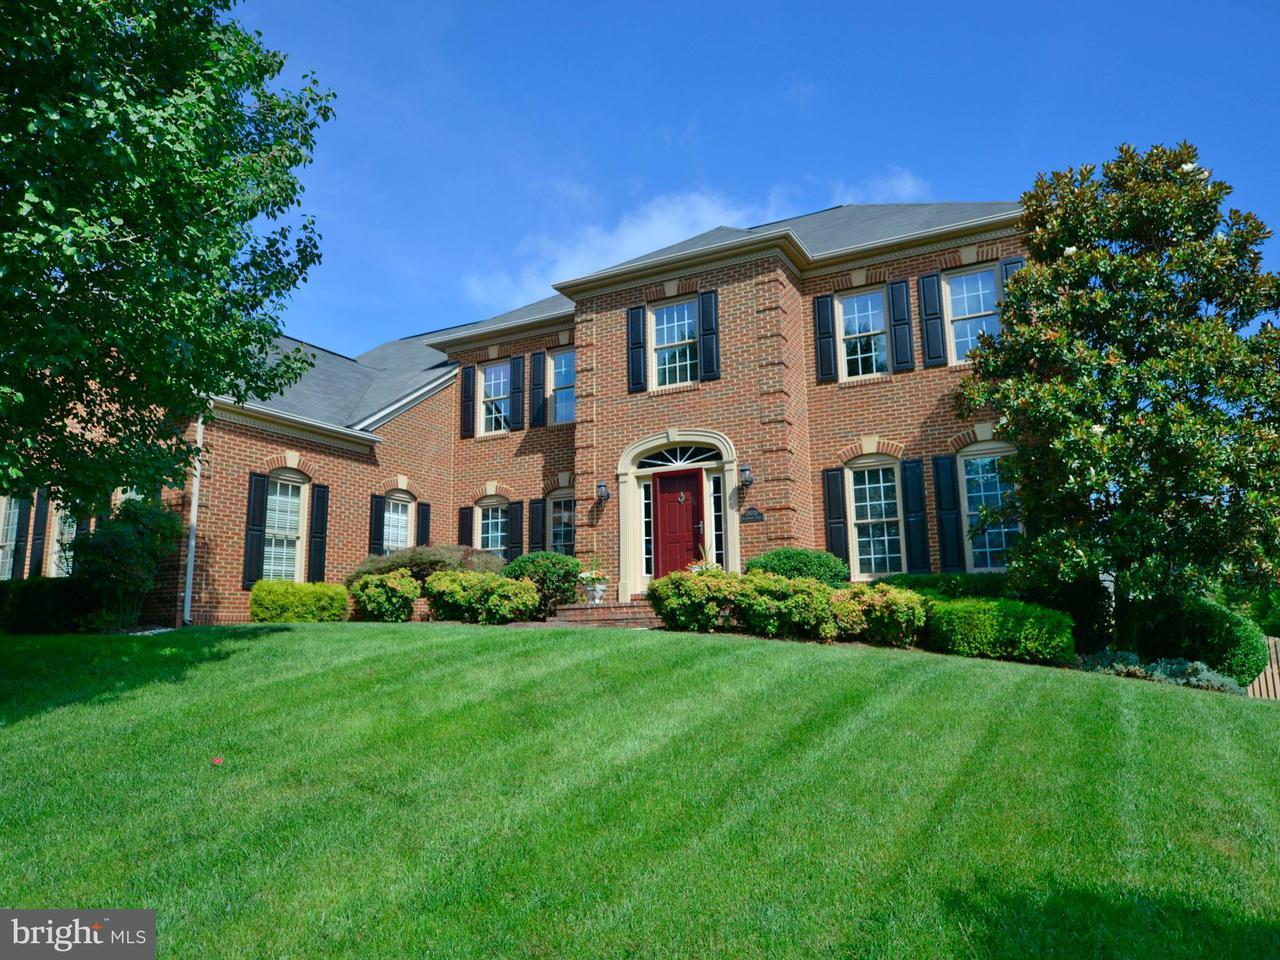 Single Family Home for Sale at 21028 Glendower Court 21028 Glendower Court Ashburn, Virginia 20147 United States